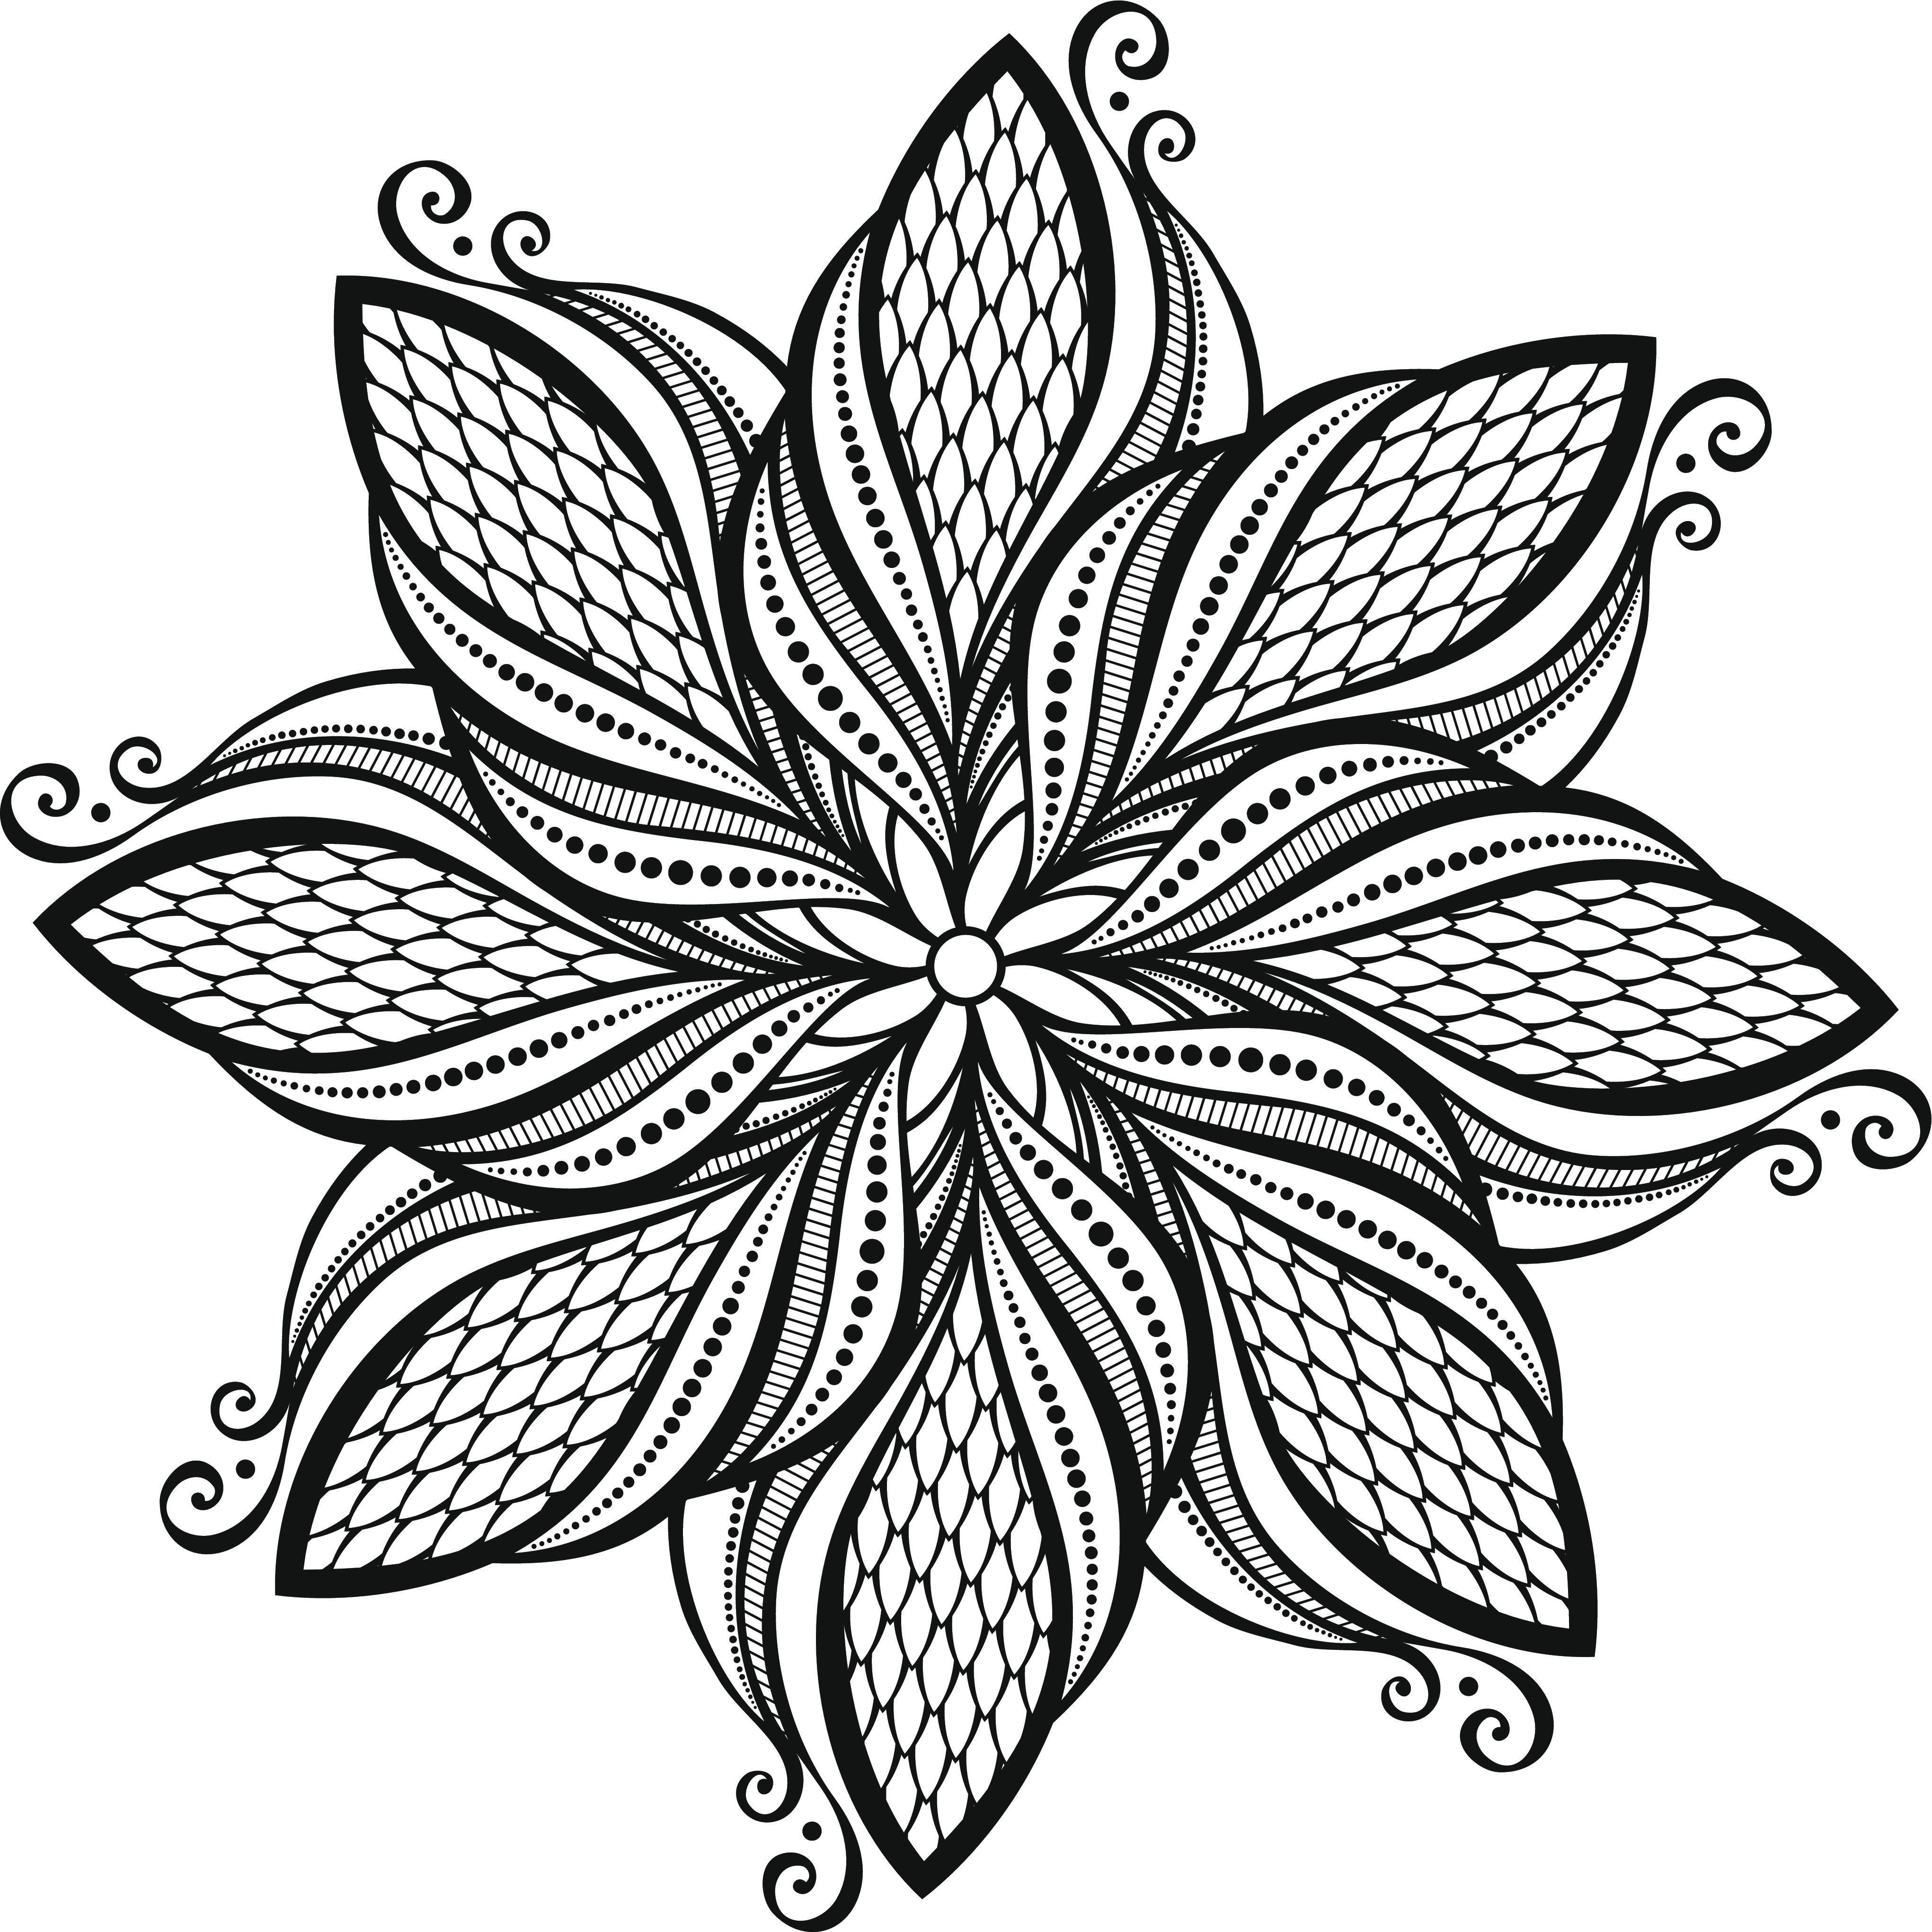 10-COMP.jpg 4,082×4,082 pixels | Coloriage gratuit, Coloriage, Coloriage mandala